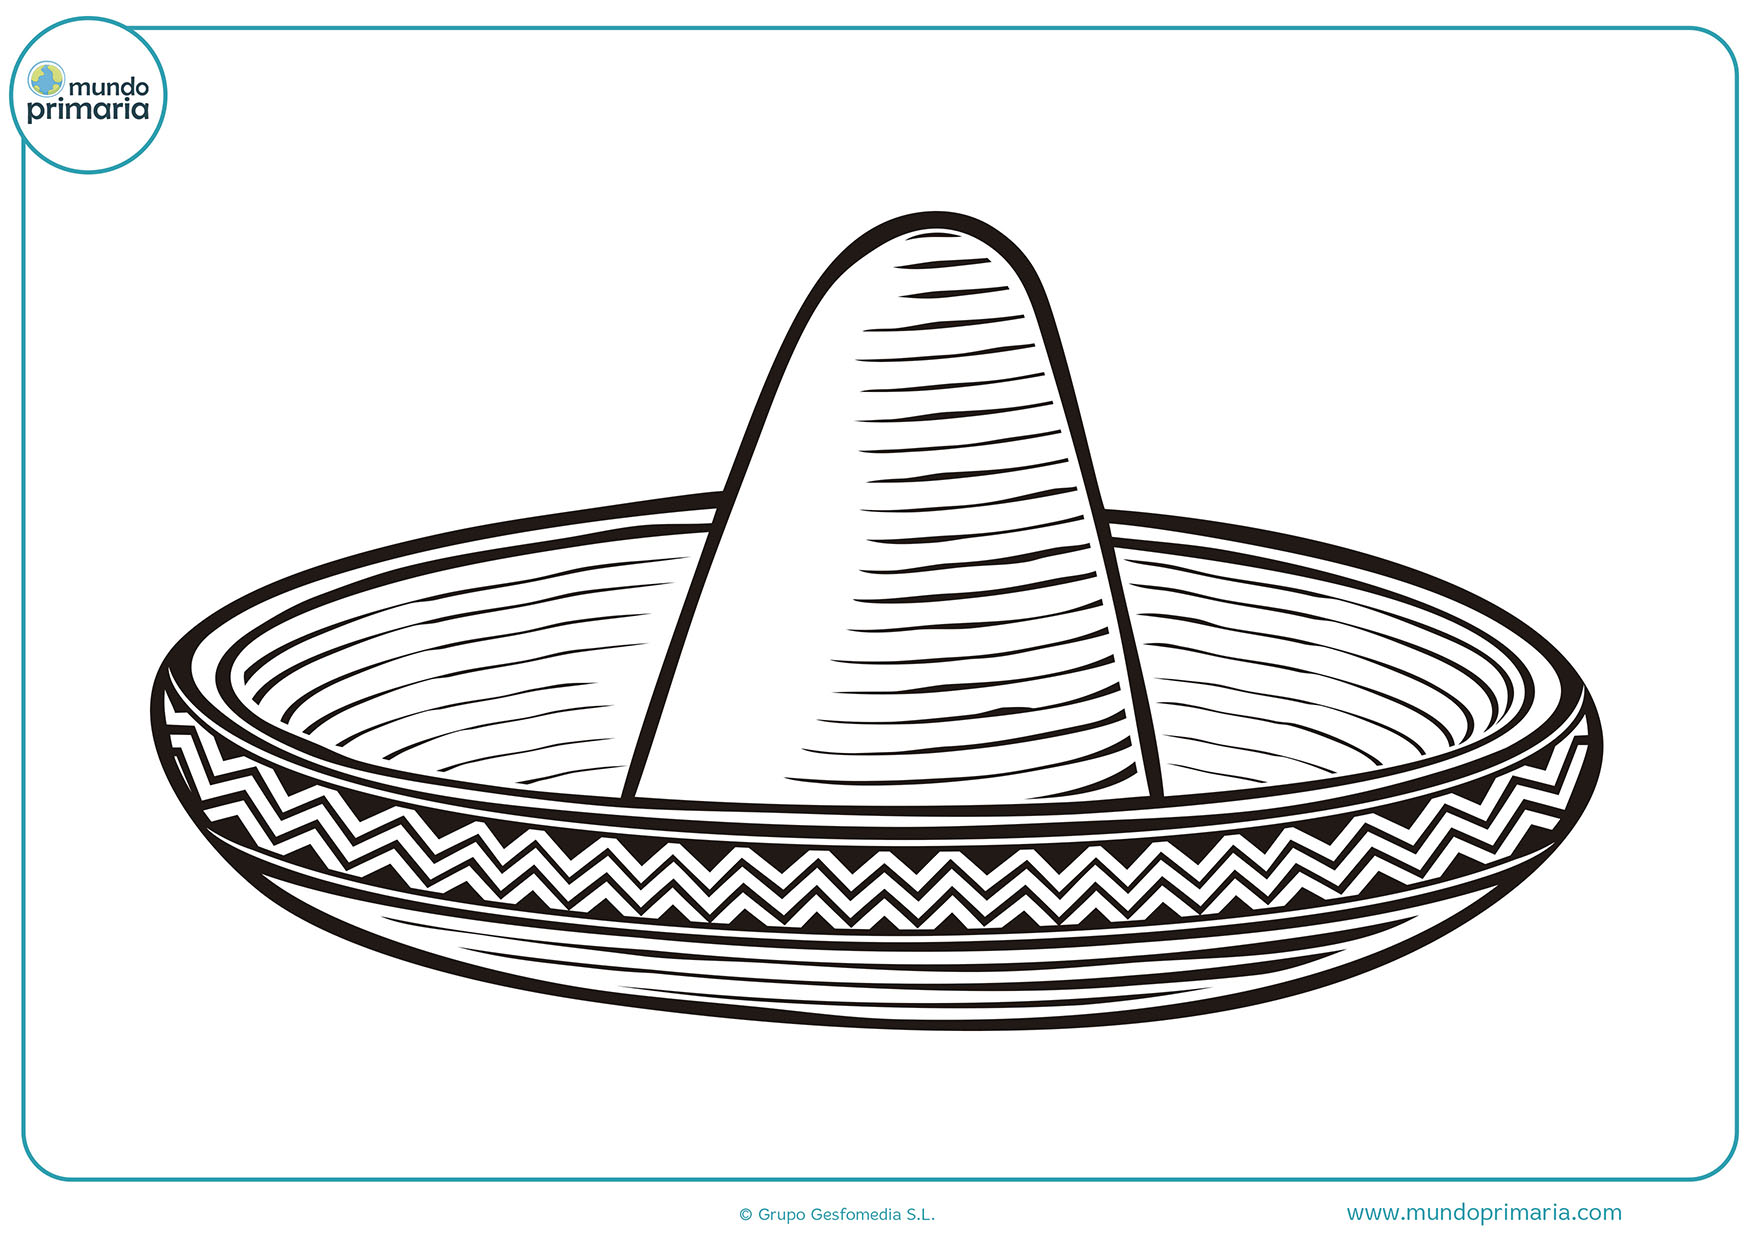 Dibujos fáciles colorear cultura